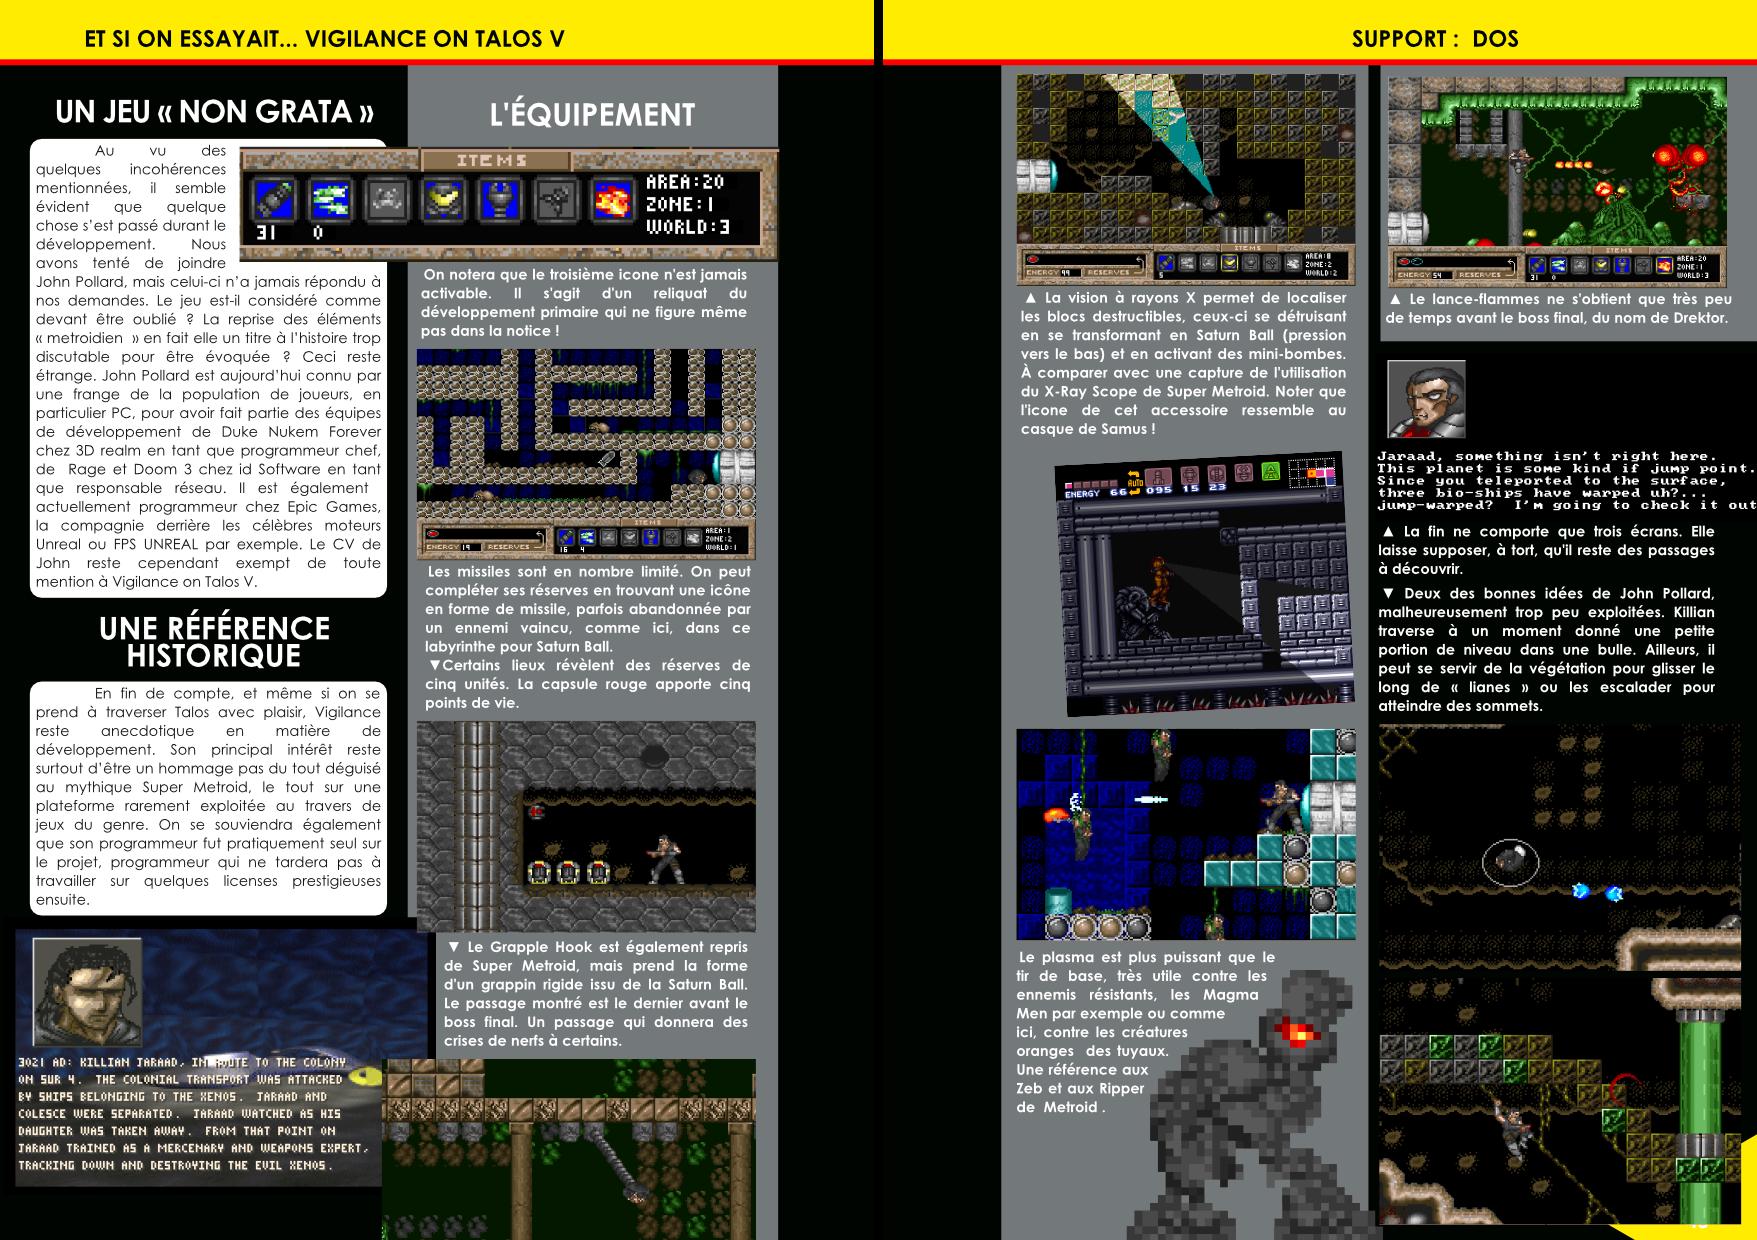 Vigilance on Talos V de PolyEx Software, un clone de Super Metroid article de Côté Gamers